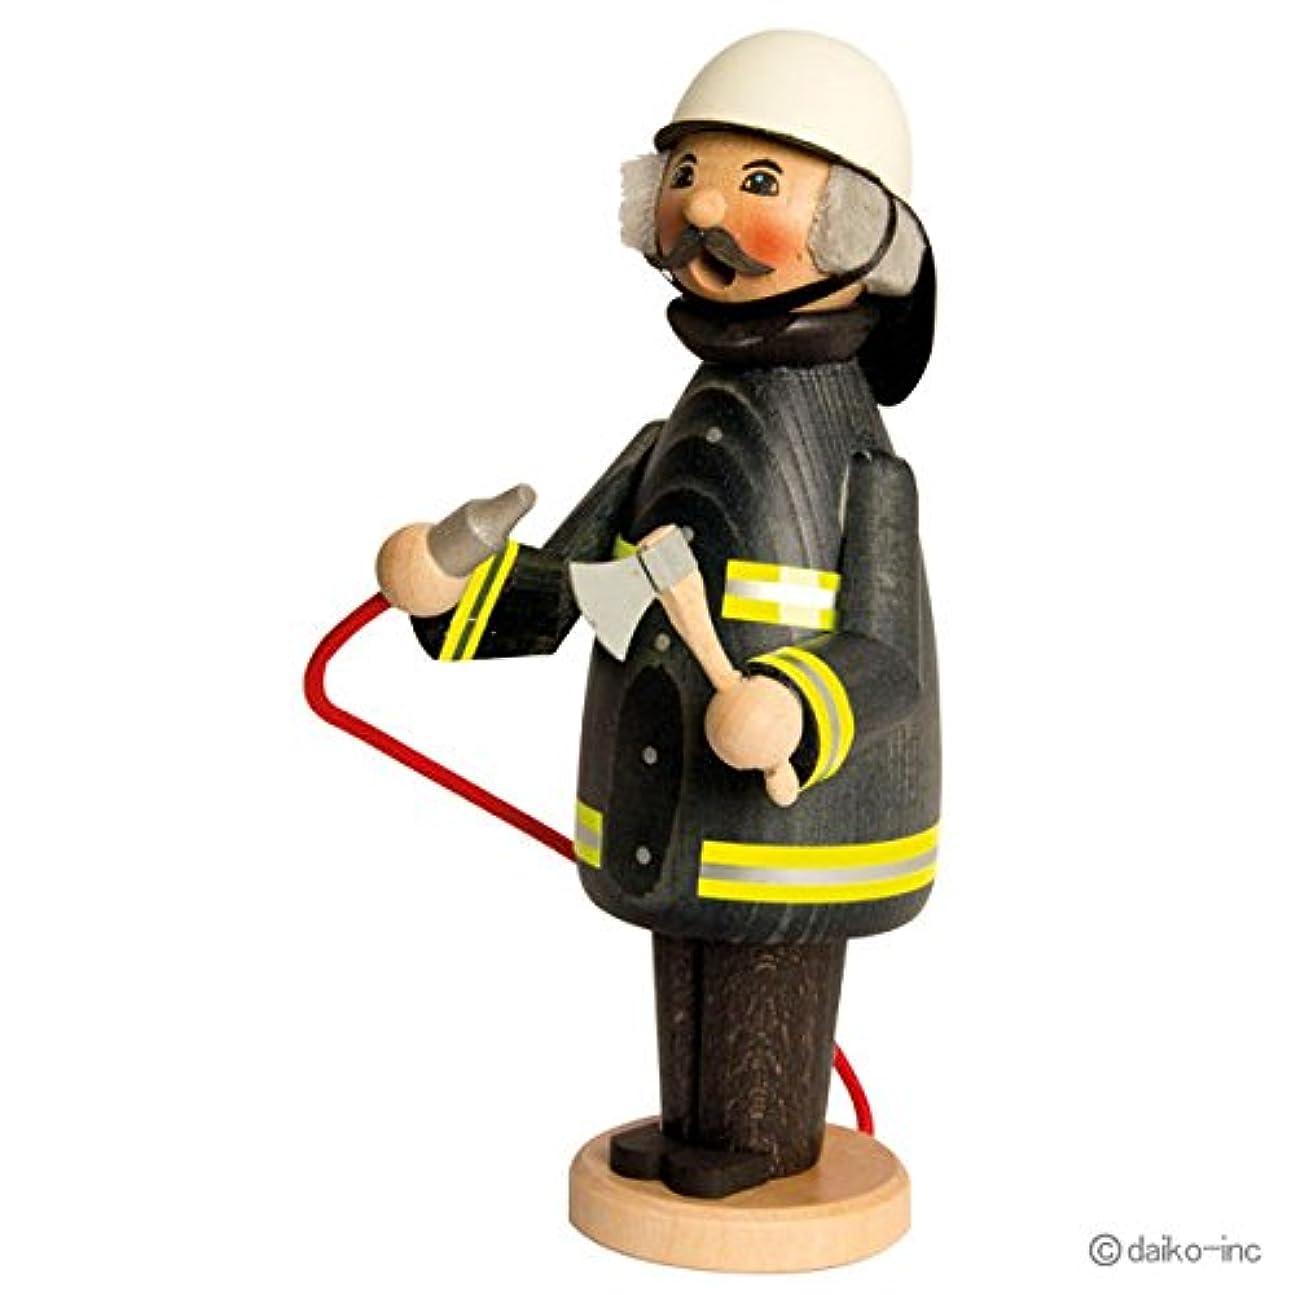 霊エキス応じるkuhnert ミニパイプ人形香炉 消防士